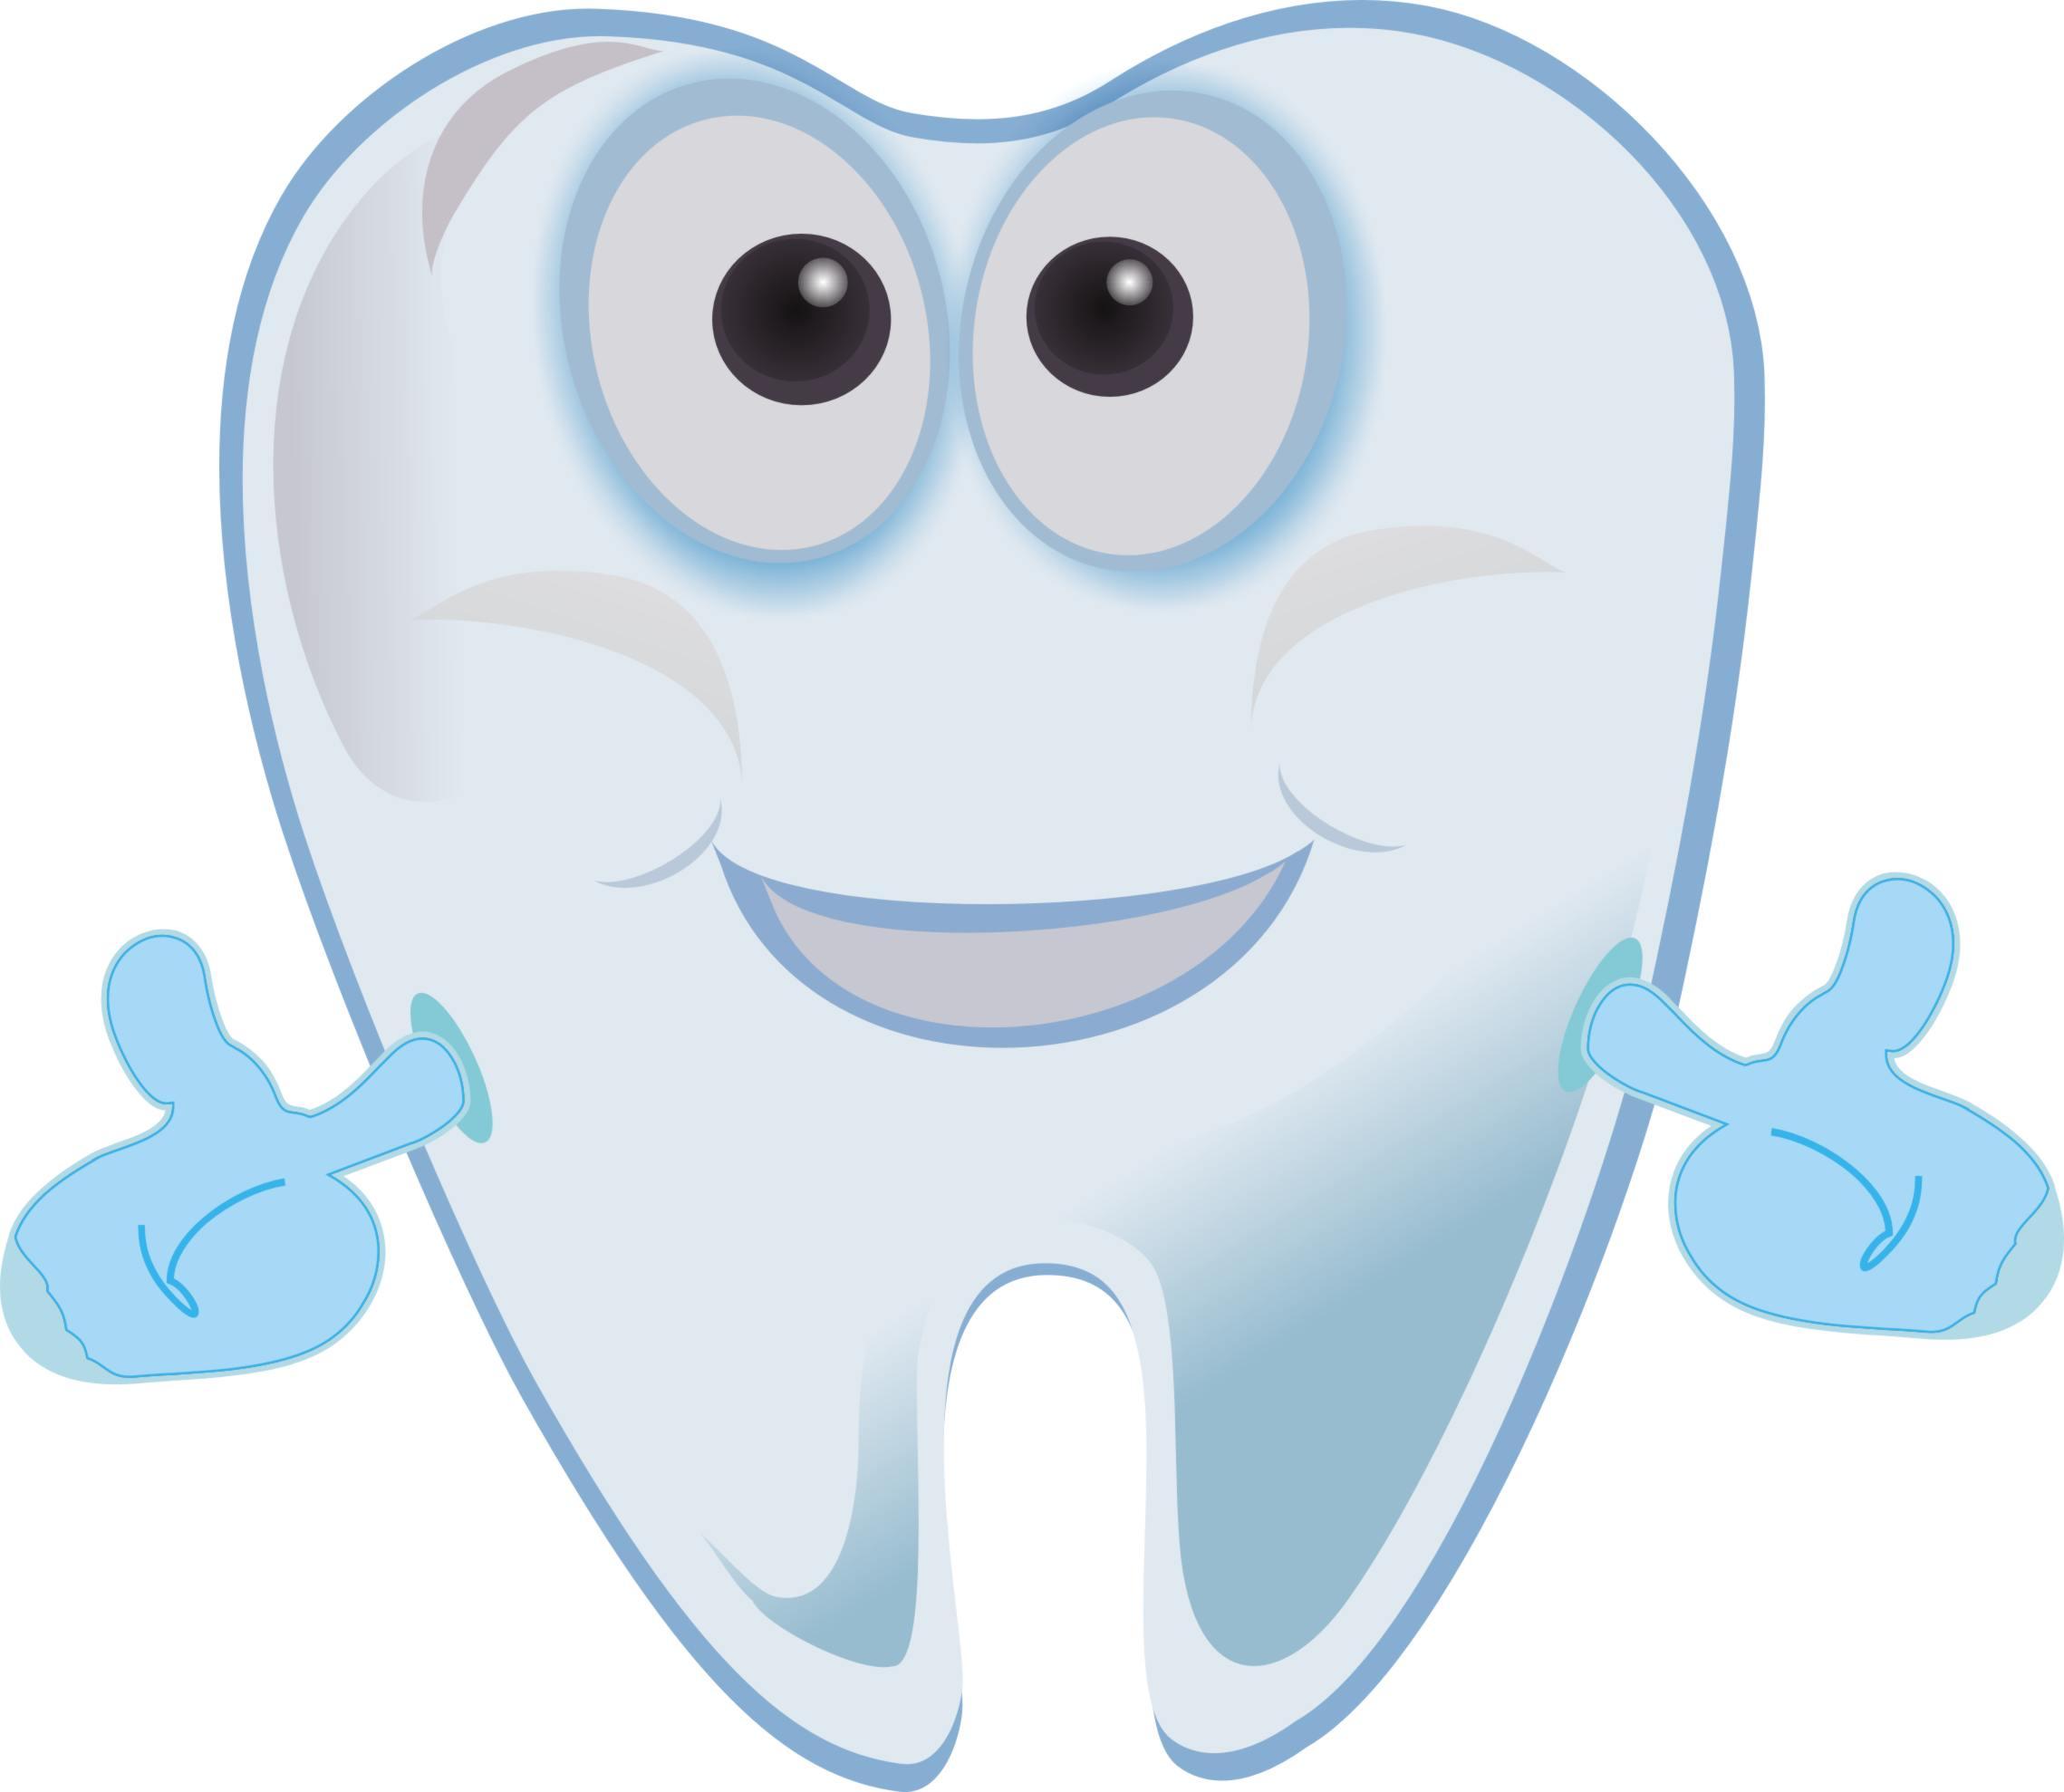 Смешные картинки с зубами для детей, день рождение для